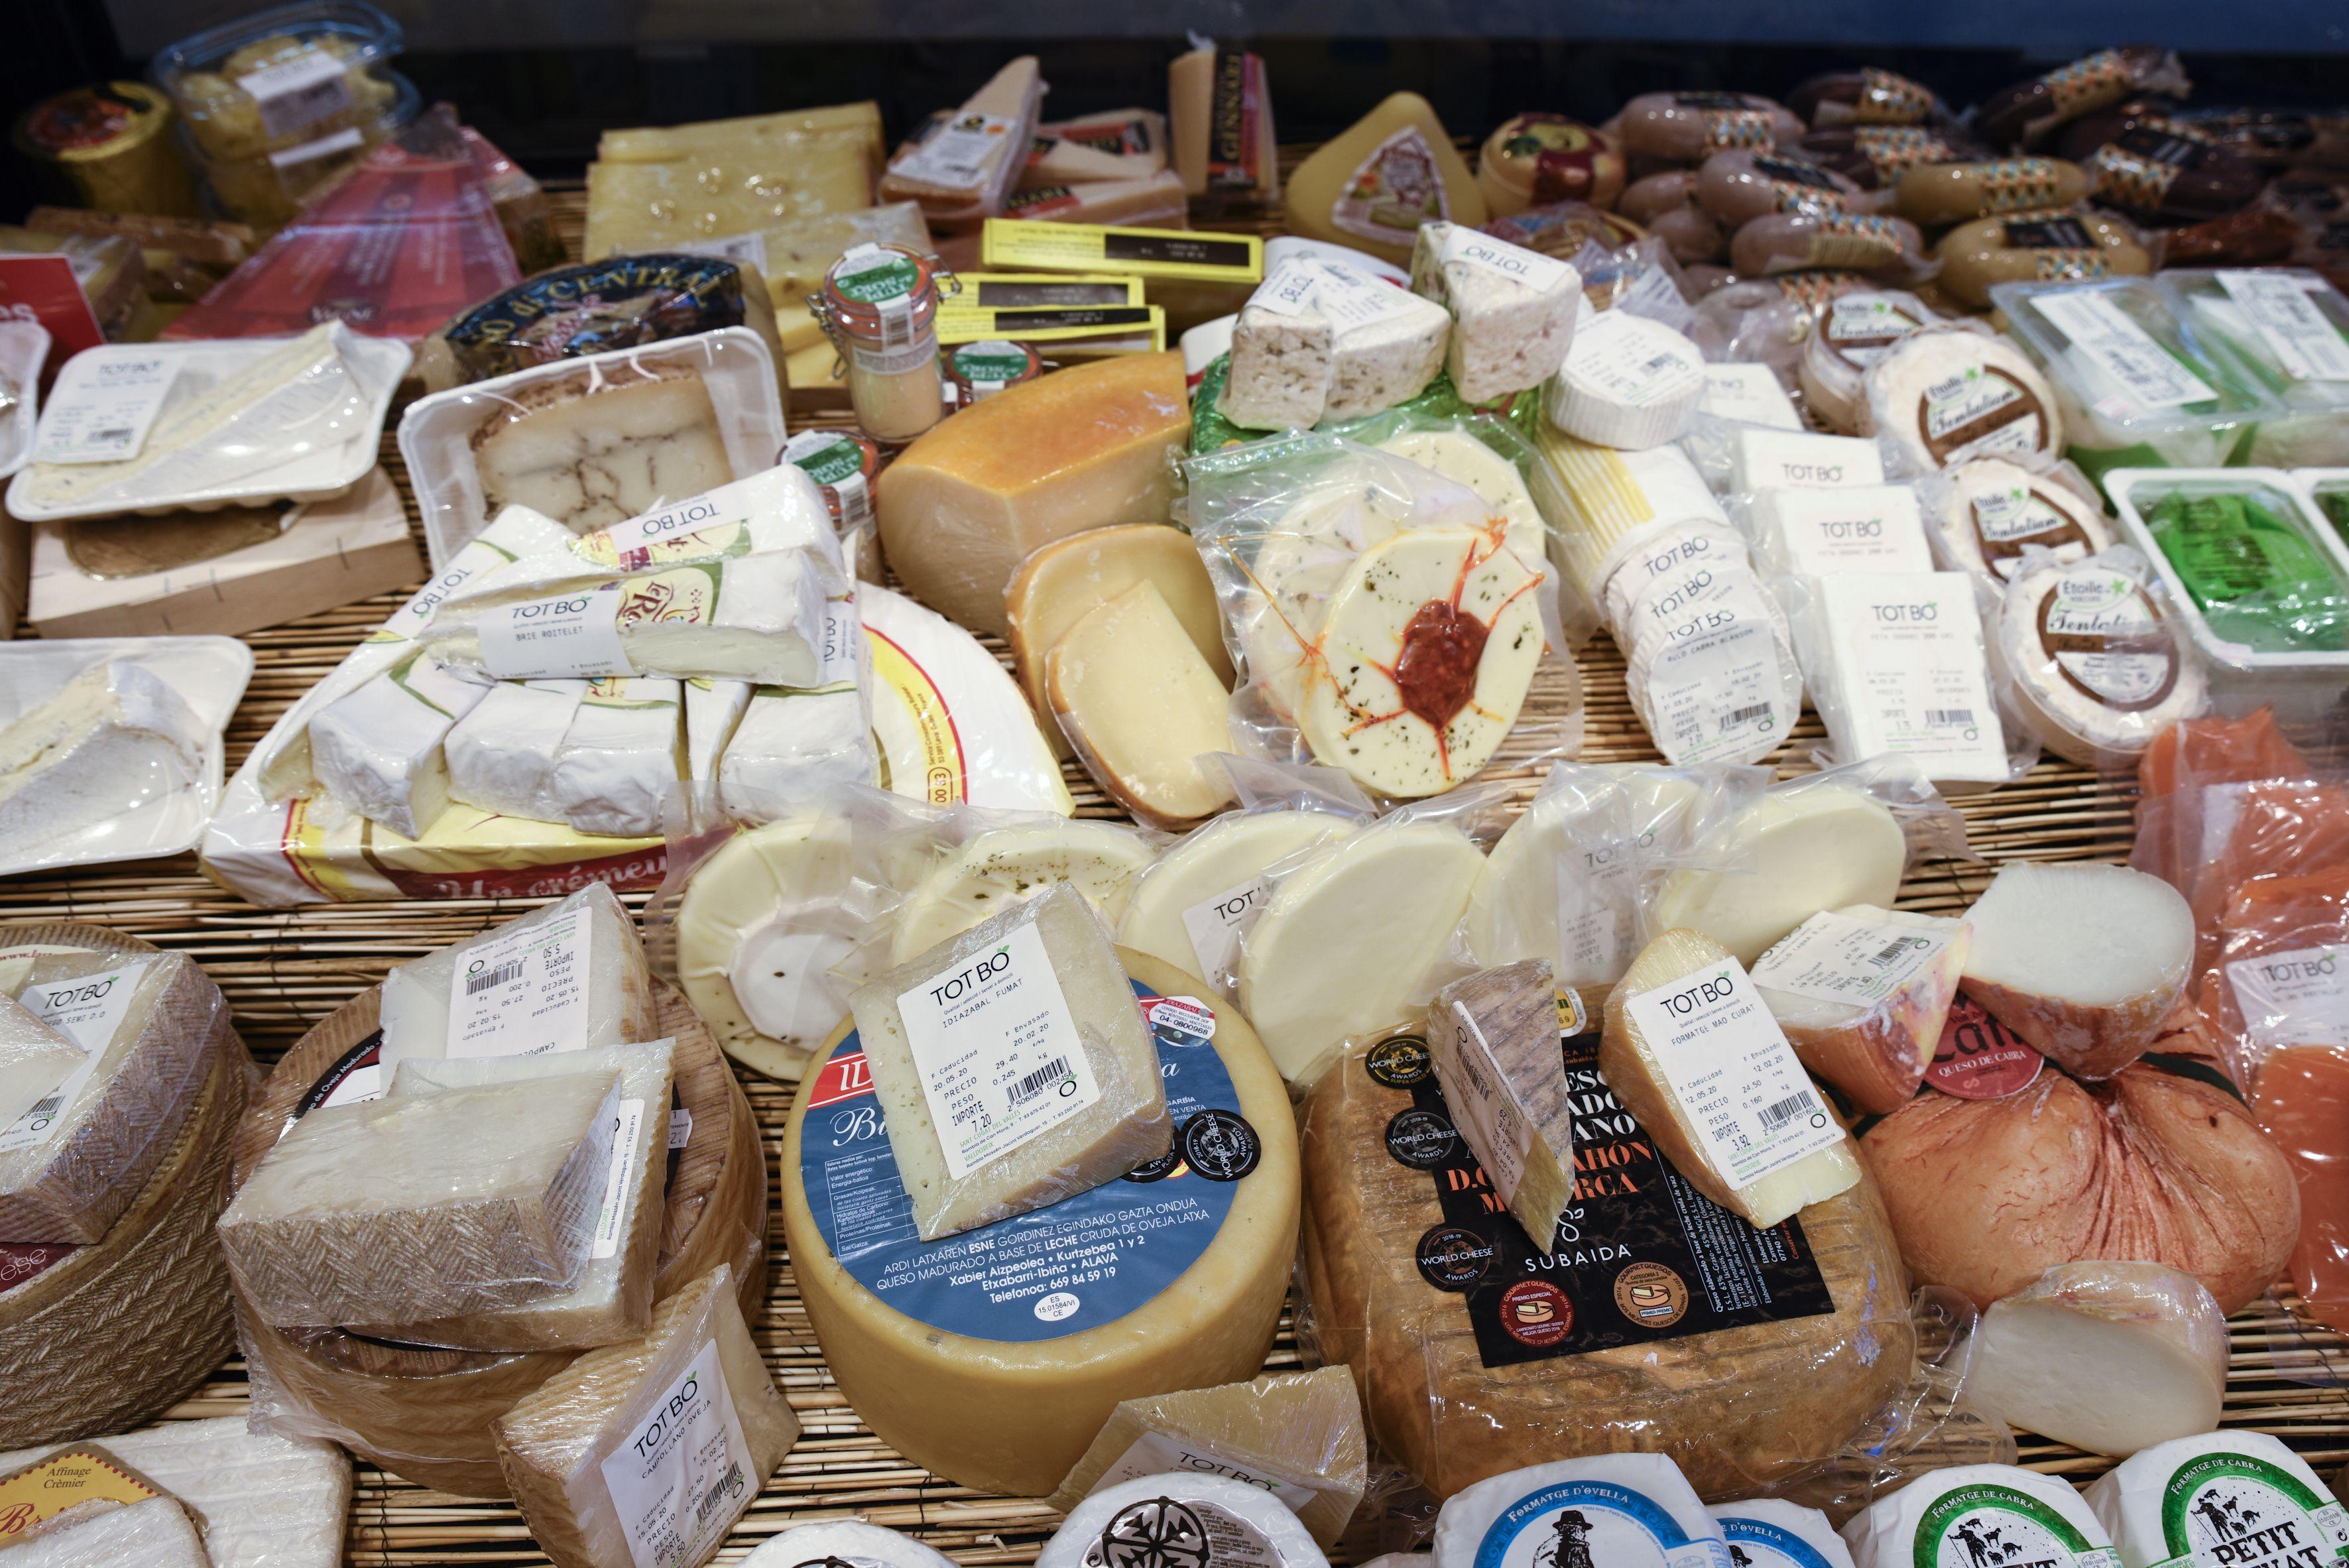 Selecció de formatges FOTO: arxiu